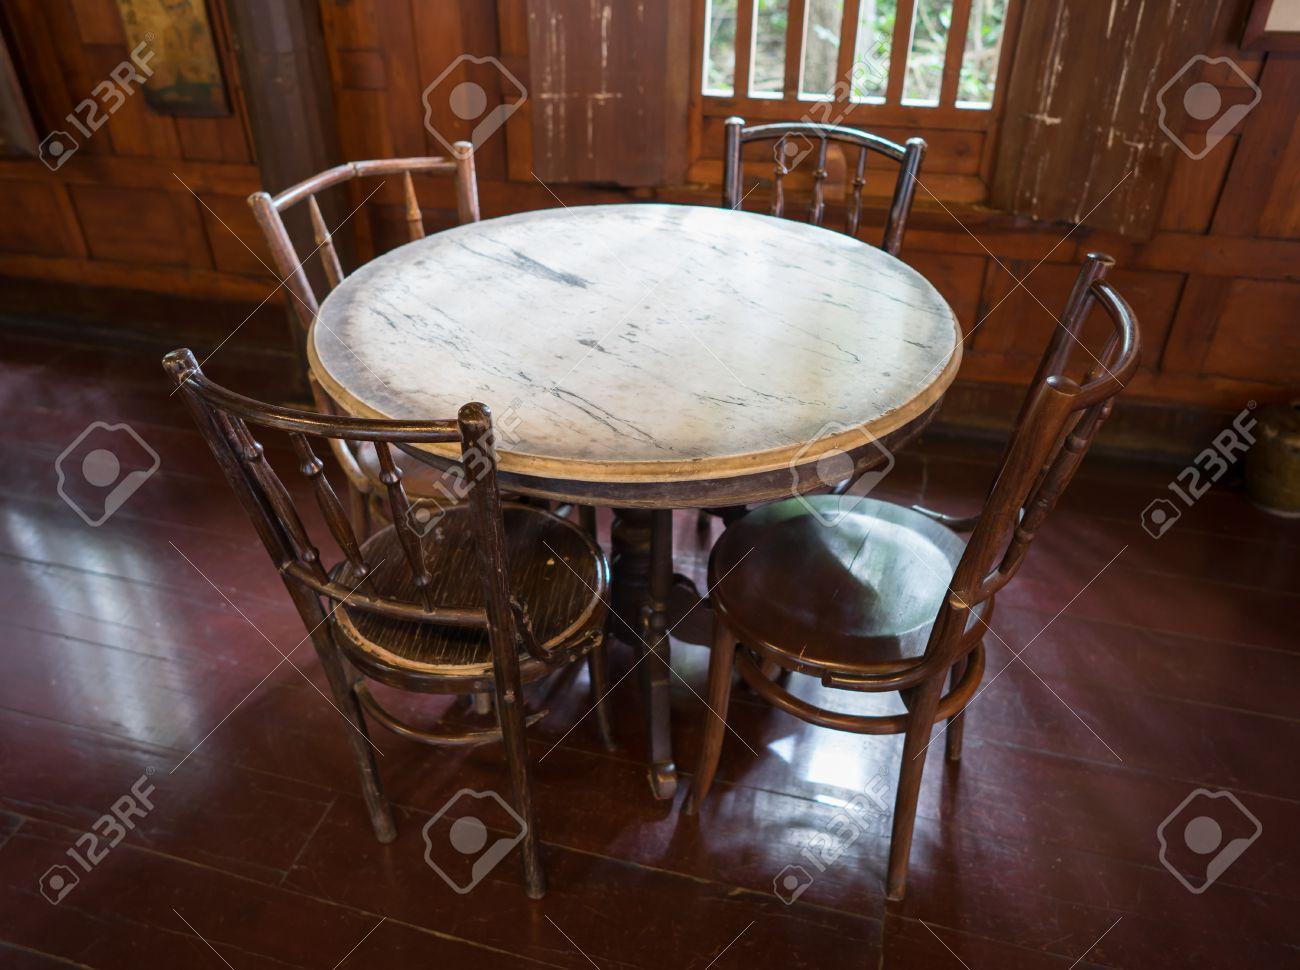 Tavolo Di Marmo.Tipico Tavolo Di Marmo In Stile Cinese E Sedie In Vecchio Negozio Di Caffe